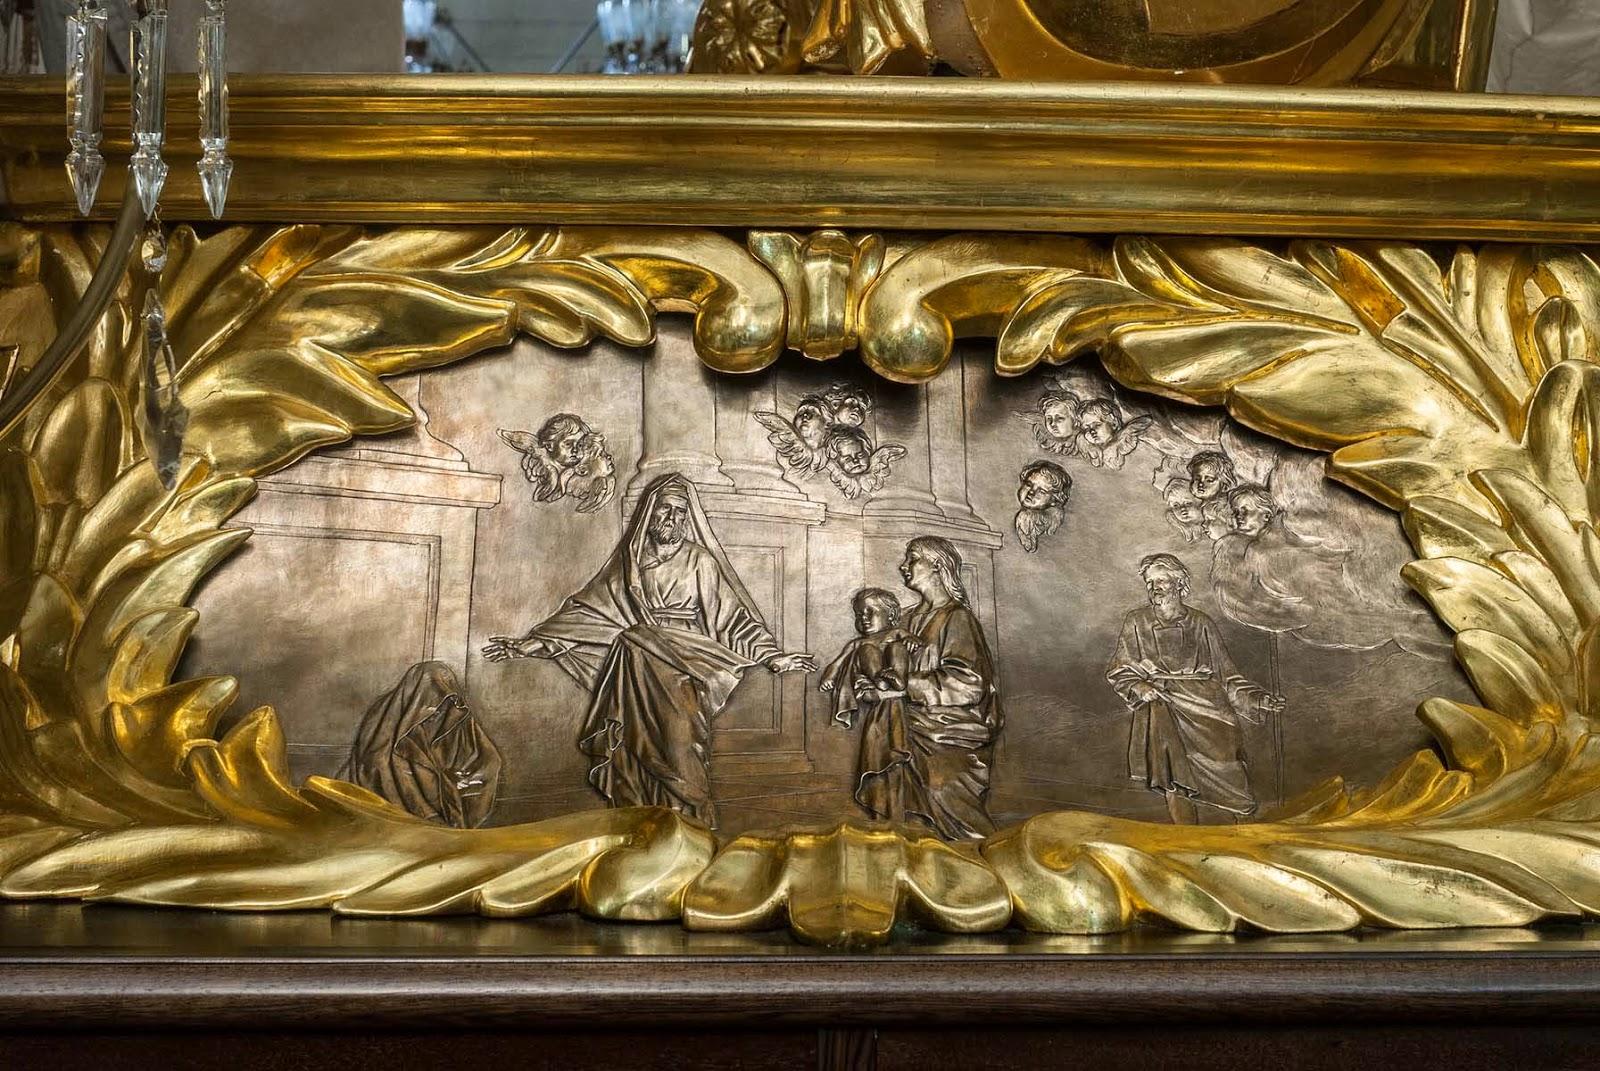 Trono Soledad Semana Santa Cartagena Murcia Arturo Serra escultura 1